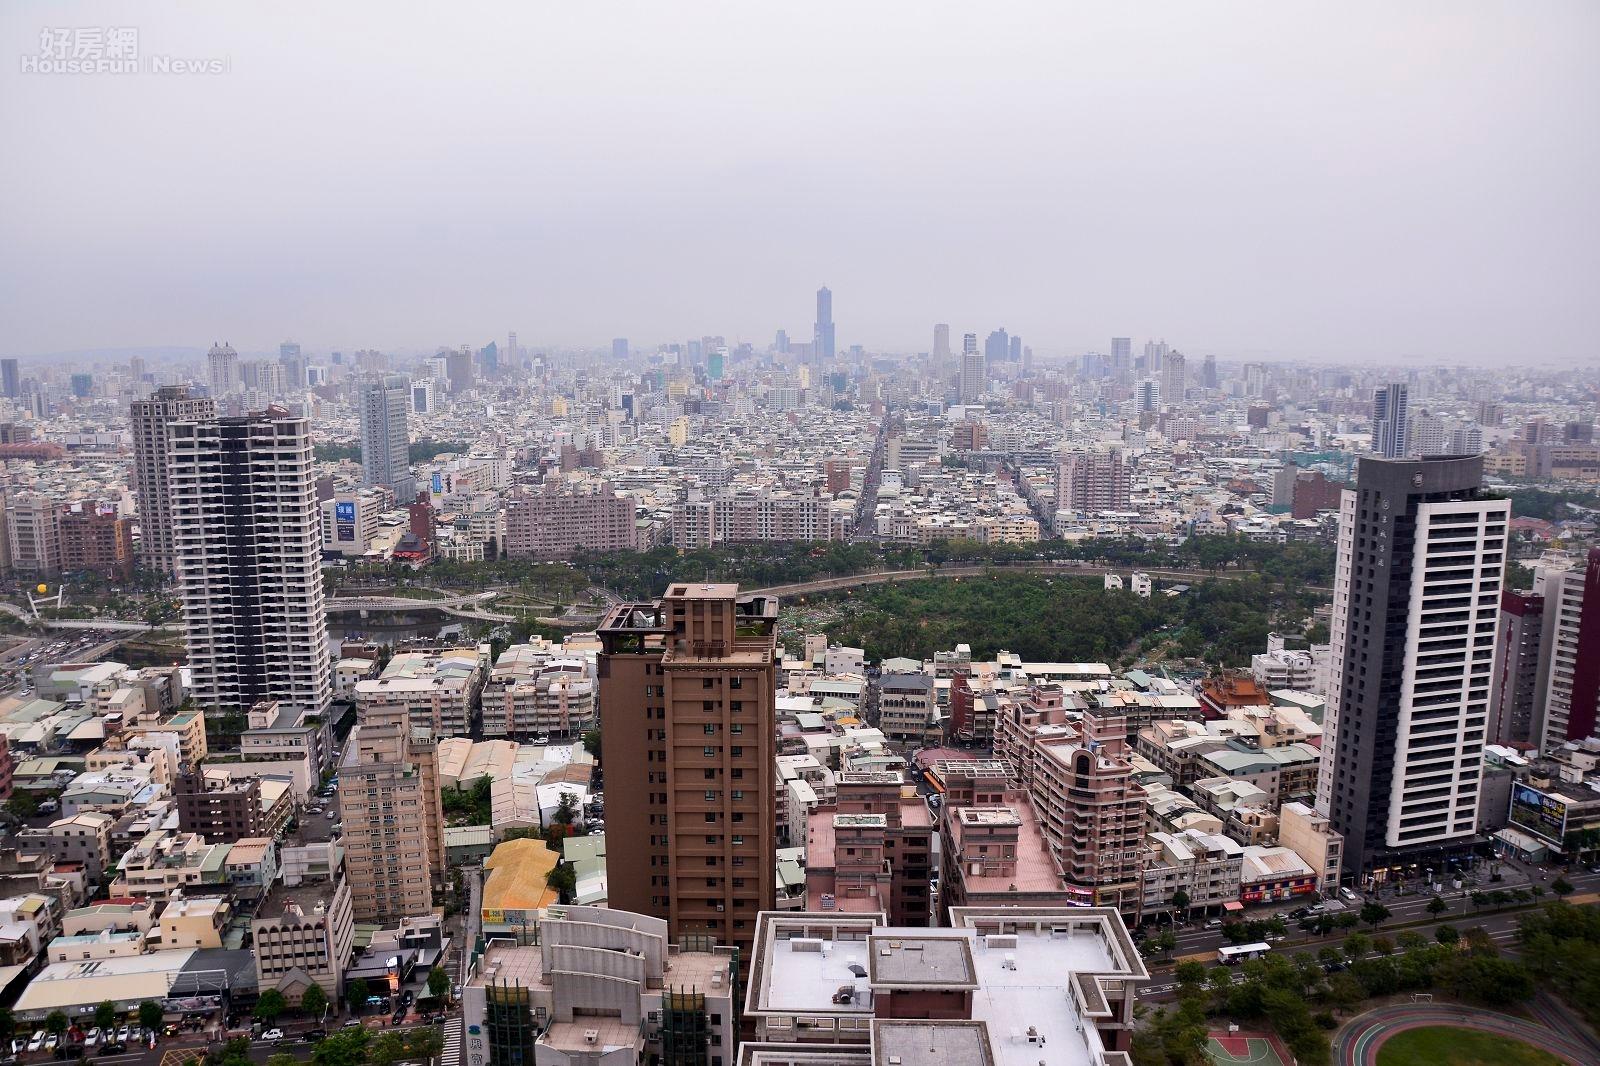 高雄市郊仁武區的居住人口7年來增加了1.2萬人(示意圖/好房網News記者陳韋帆)